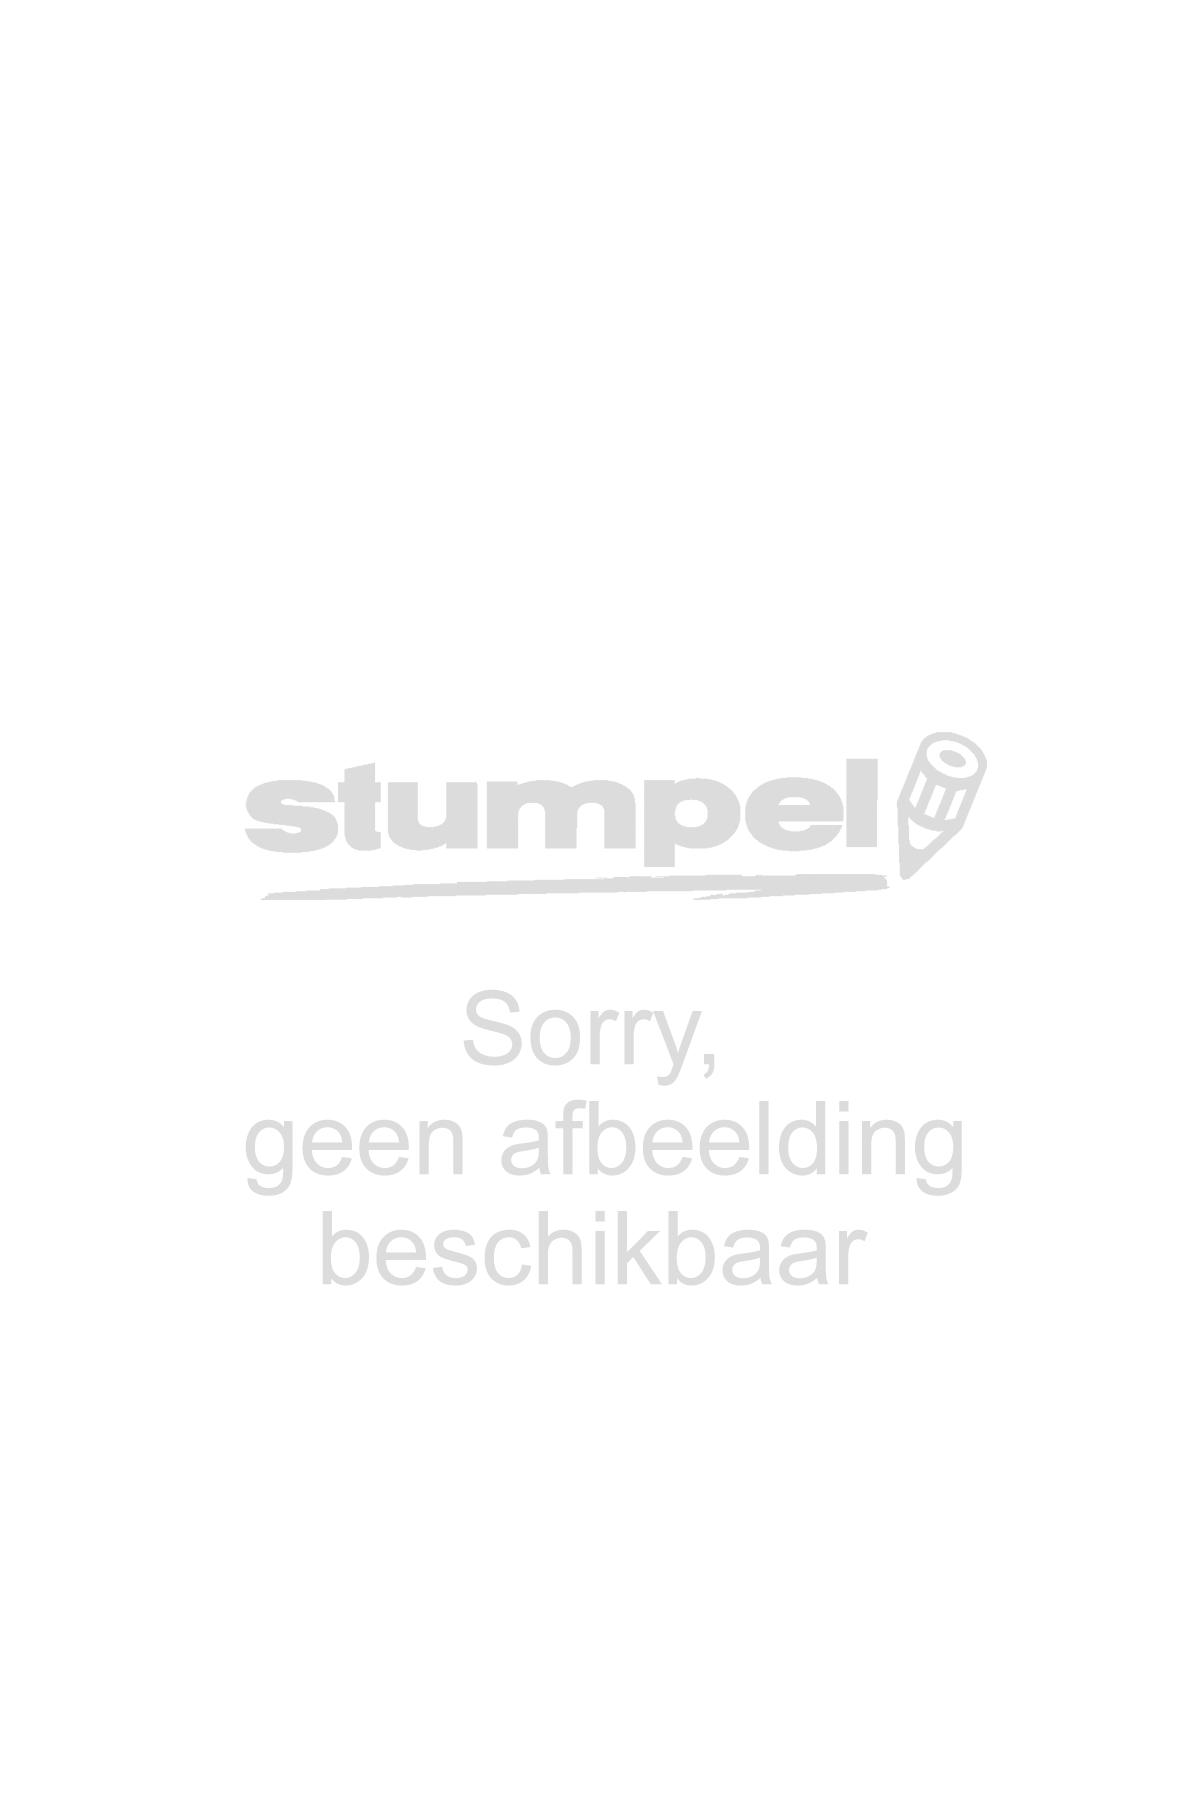 in-de-schaduw-van-de-dennenboom-9789088401633